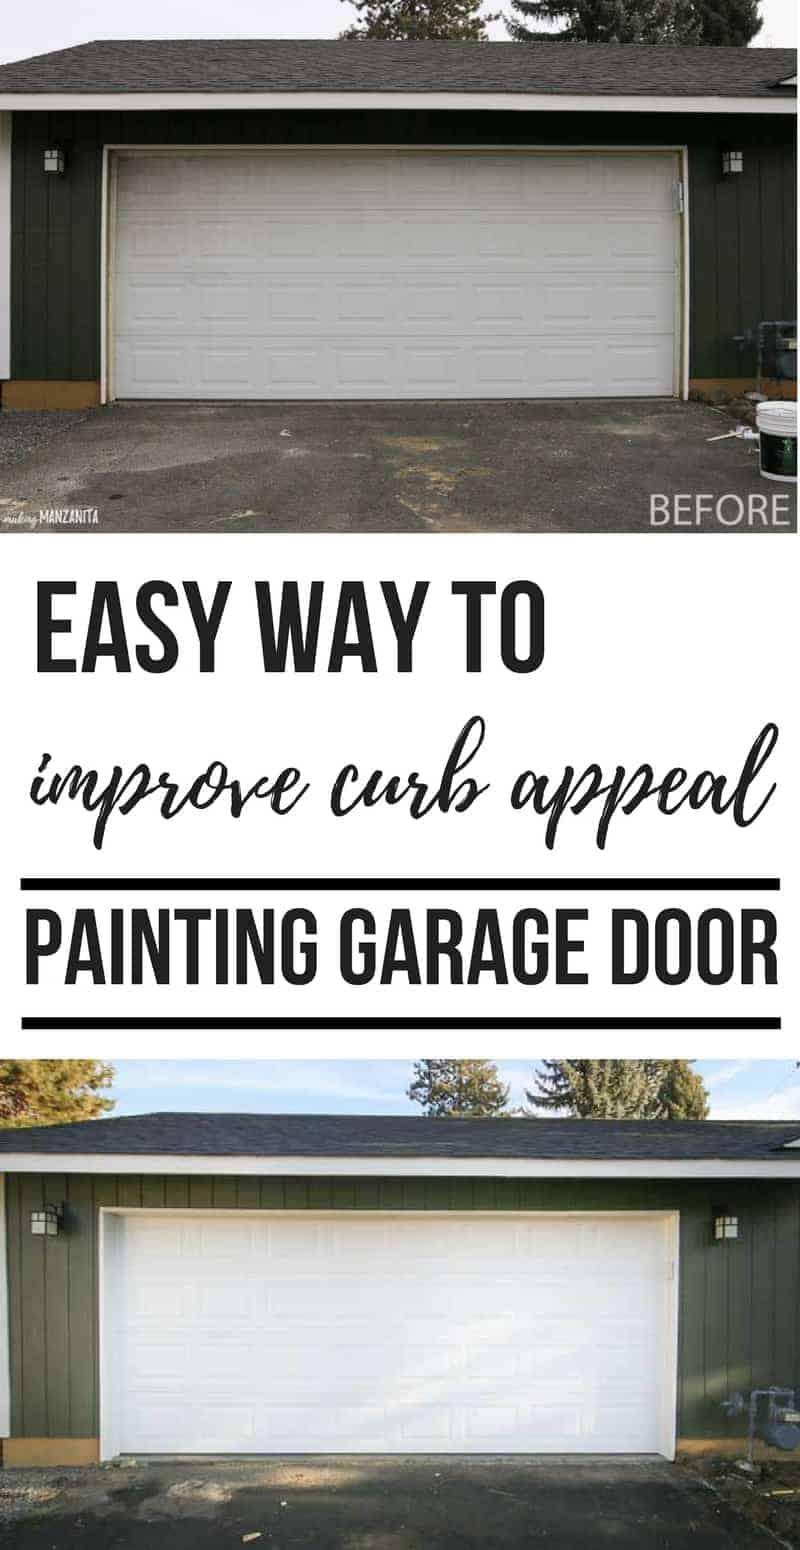 Painting Garage Door - Easy Way to Instantly Improve Curb ... on Garage Door Color Ideas  id=94880